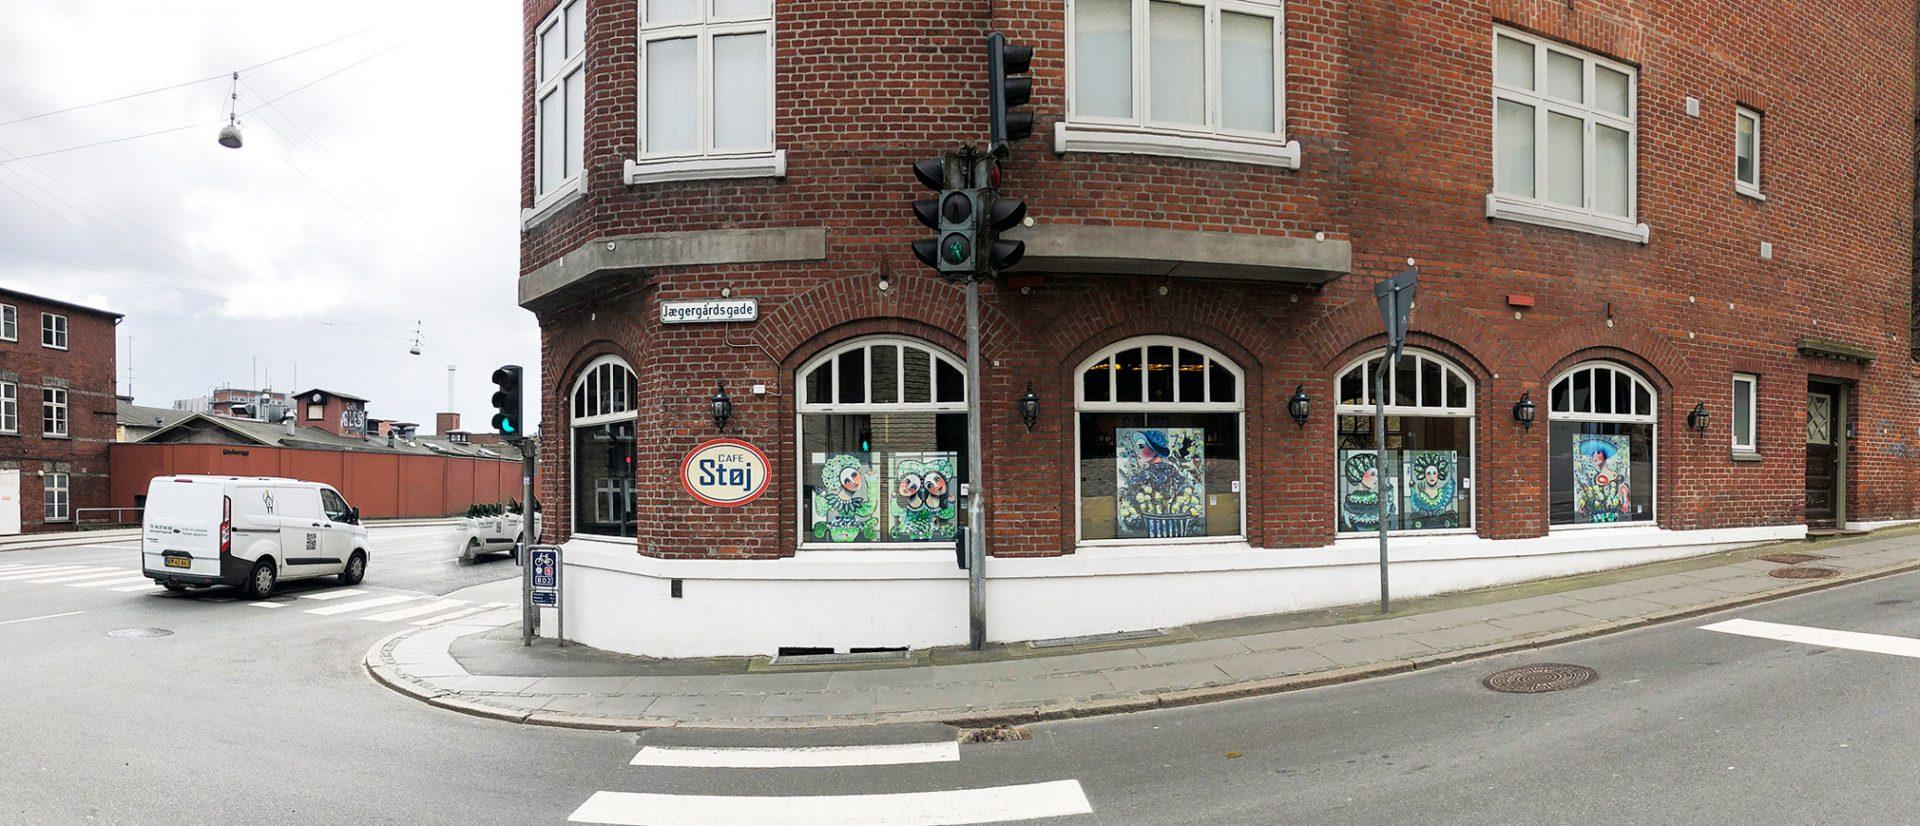 Pryder cafeens vinduer: Cafe Støj laver pop-up galleri